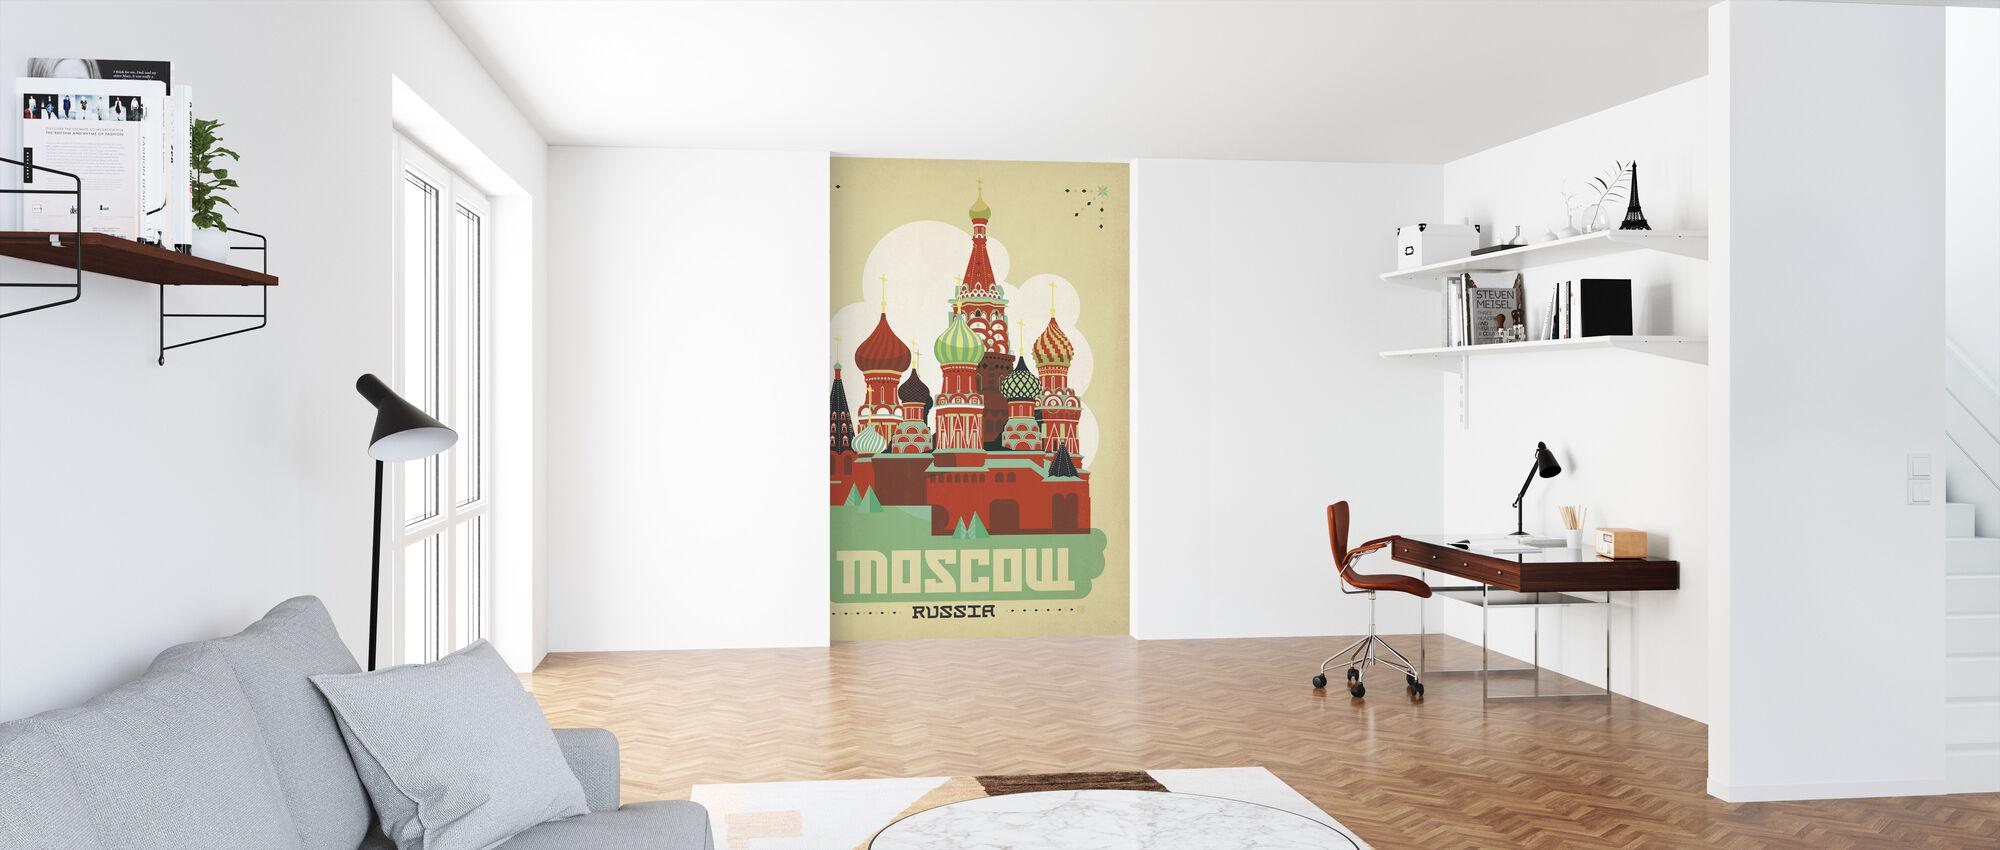 Moskou - Behang - Kantoor